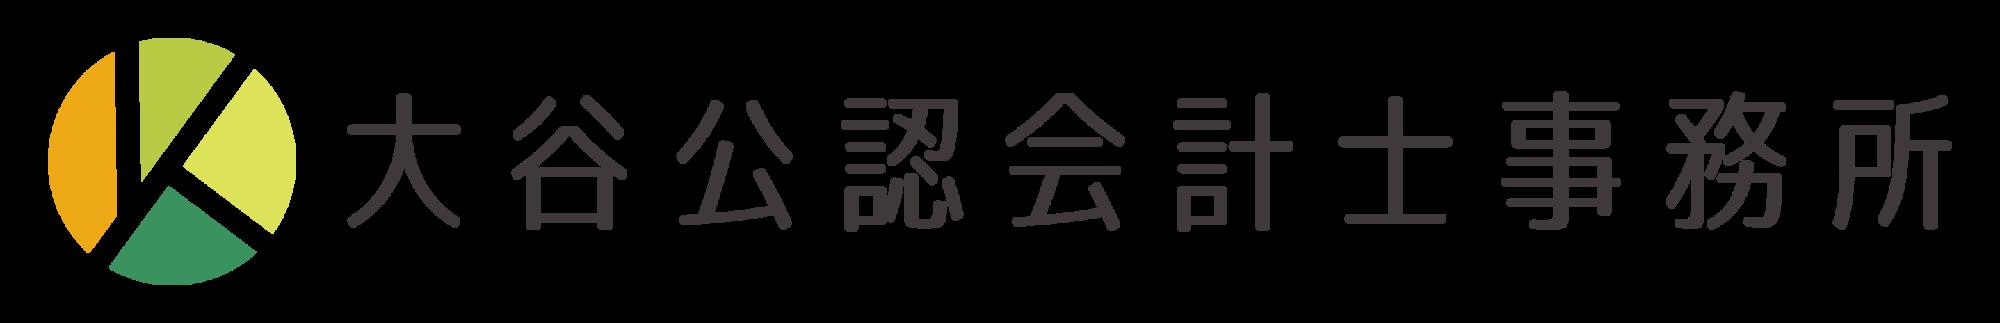 介護・福祉・医療の大谷公認会計士税理士事務所|北九州・福岡